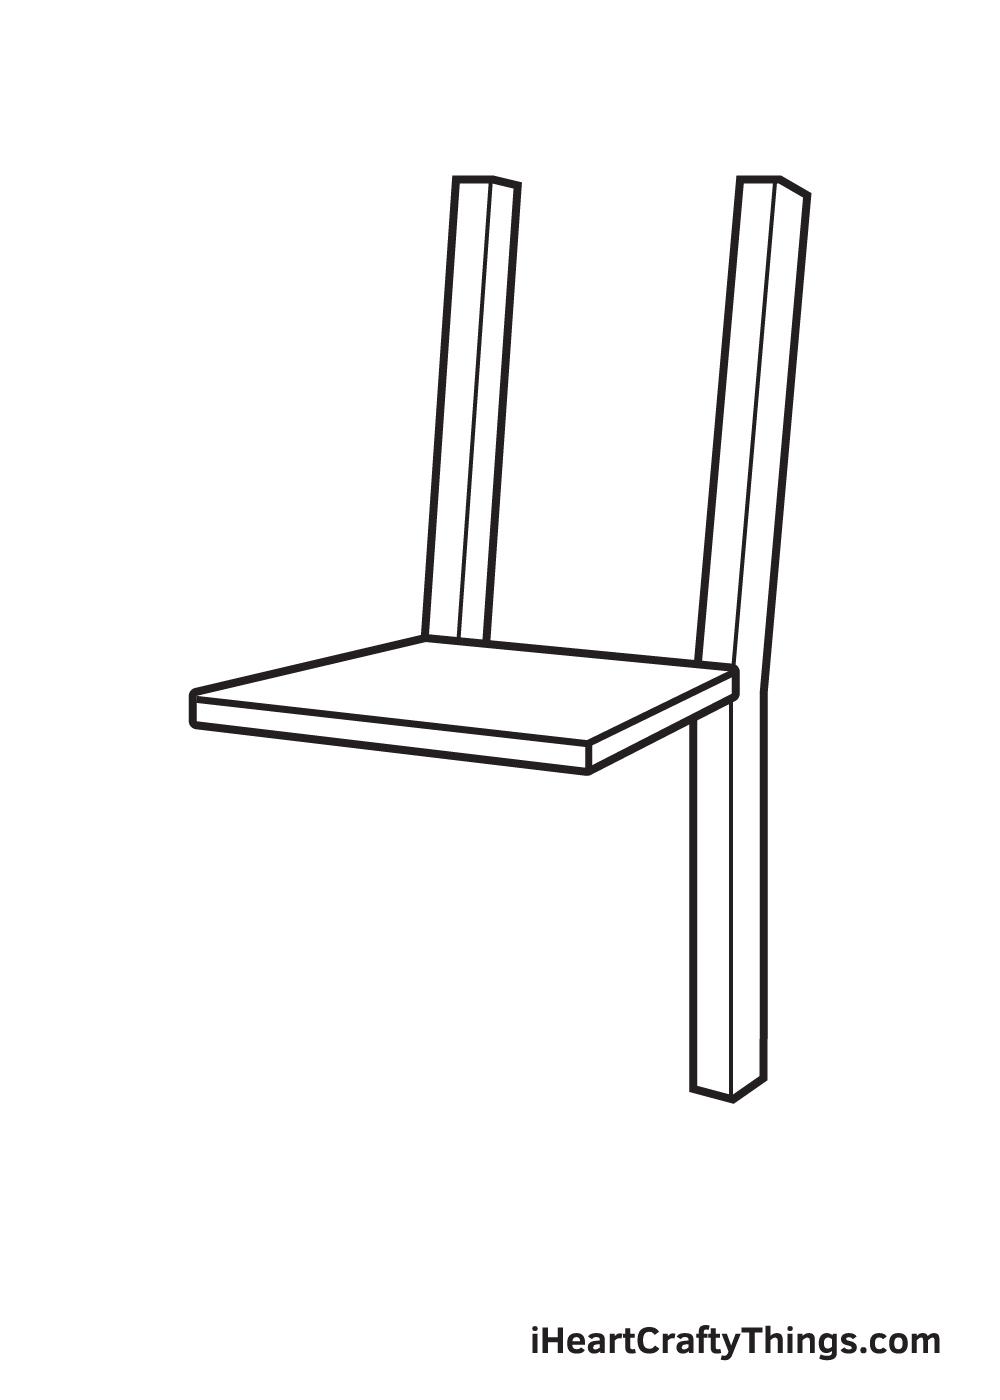 Vẽ ghế - Bước 3